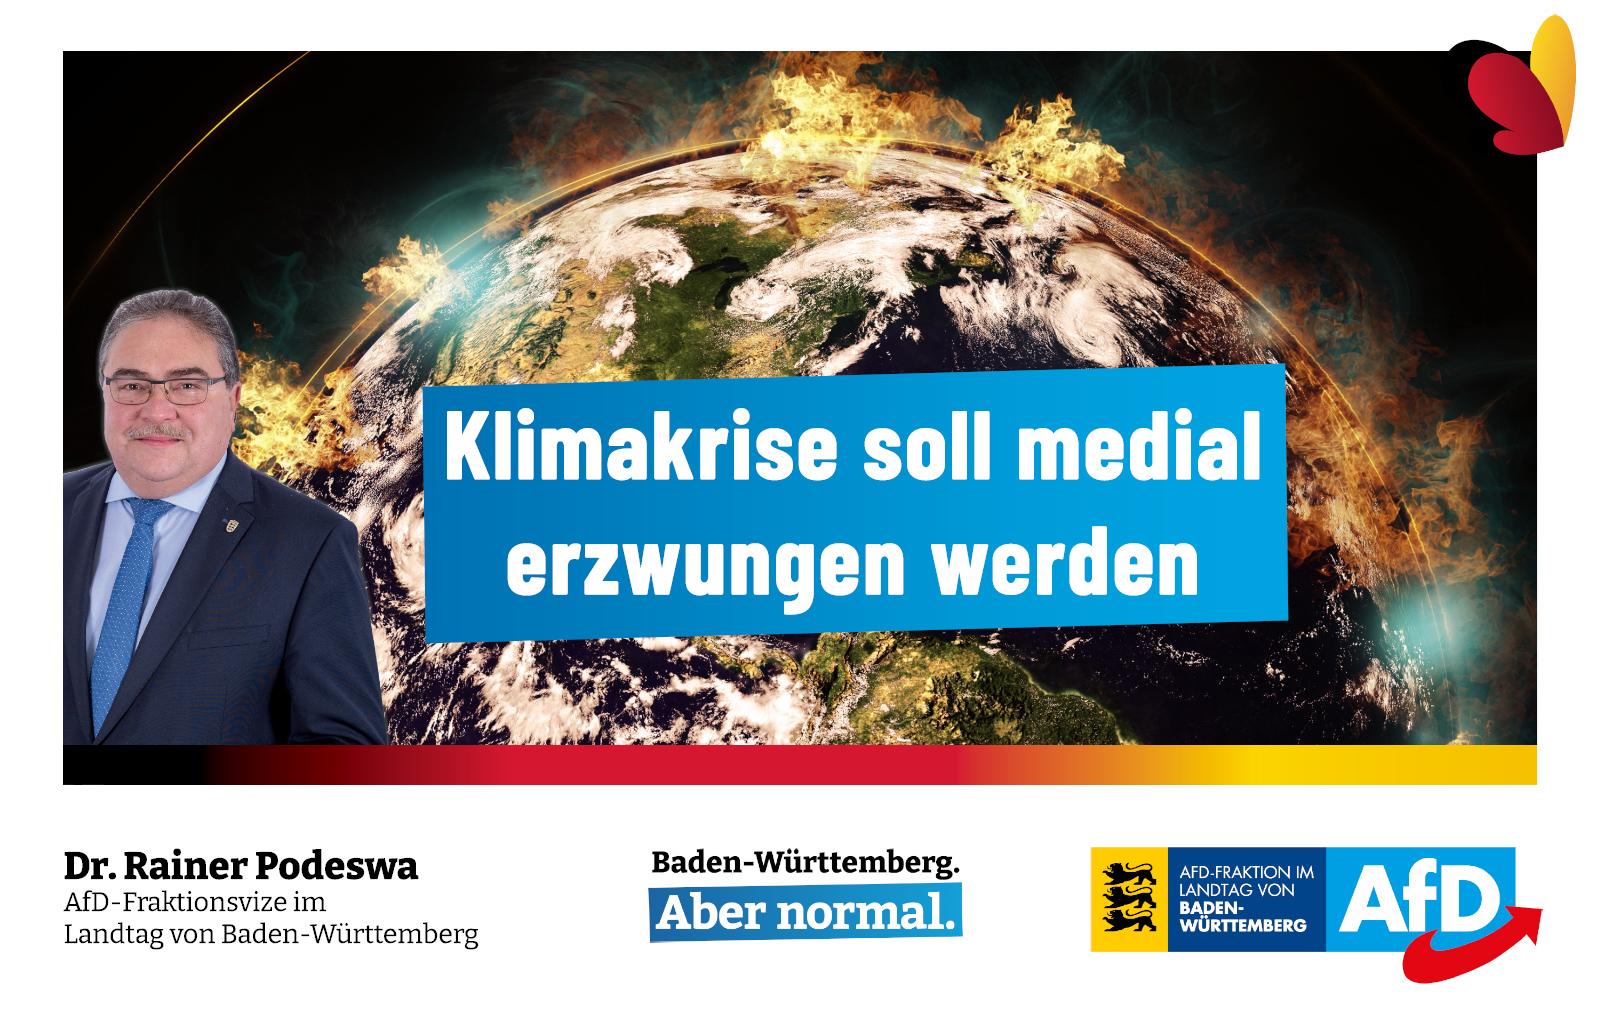 Dr. Rainer Podeswa: Klimakrise soll medial erzwungen werden